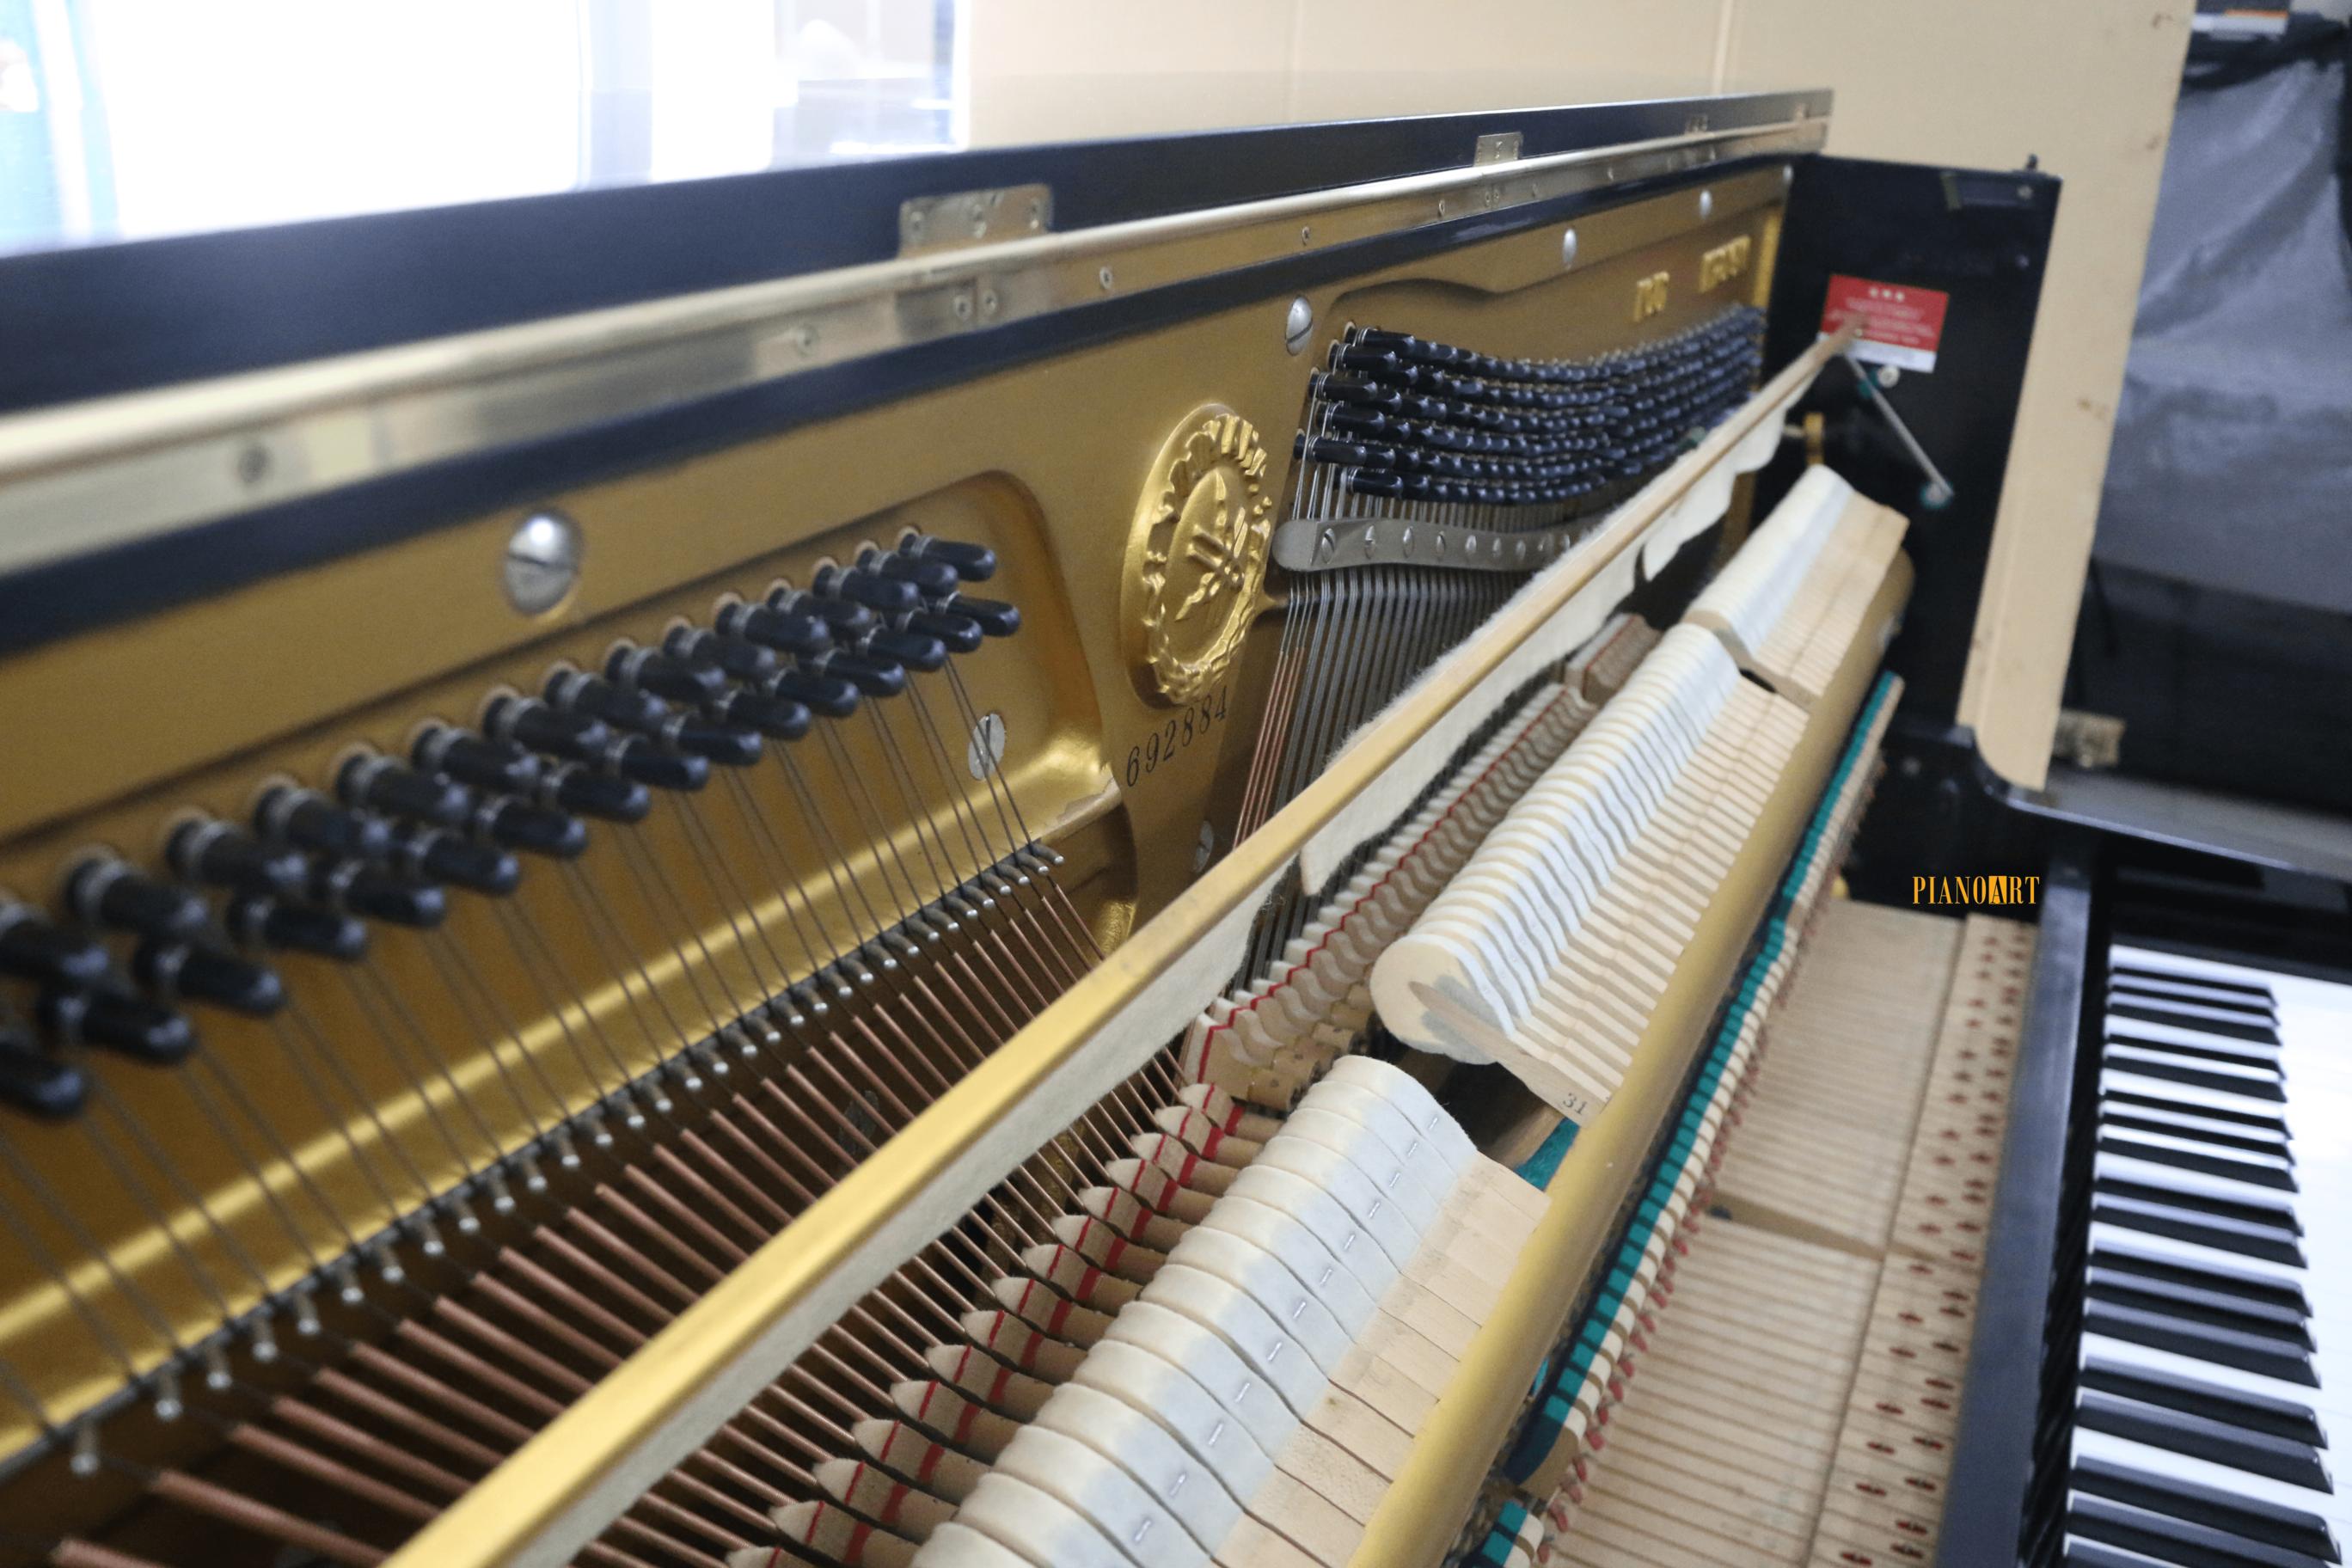 10 SAI LẦM THƯỜNG GẶP KHI MUA ĐÀN PIANO (PHẦN 2)